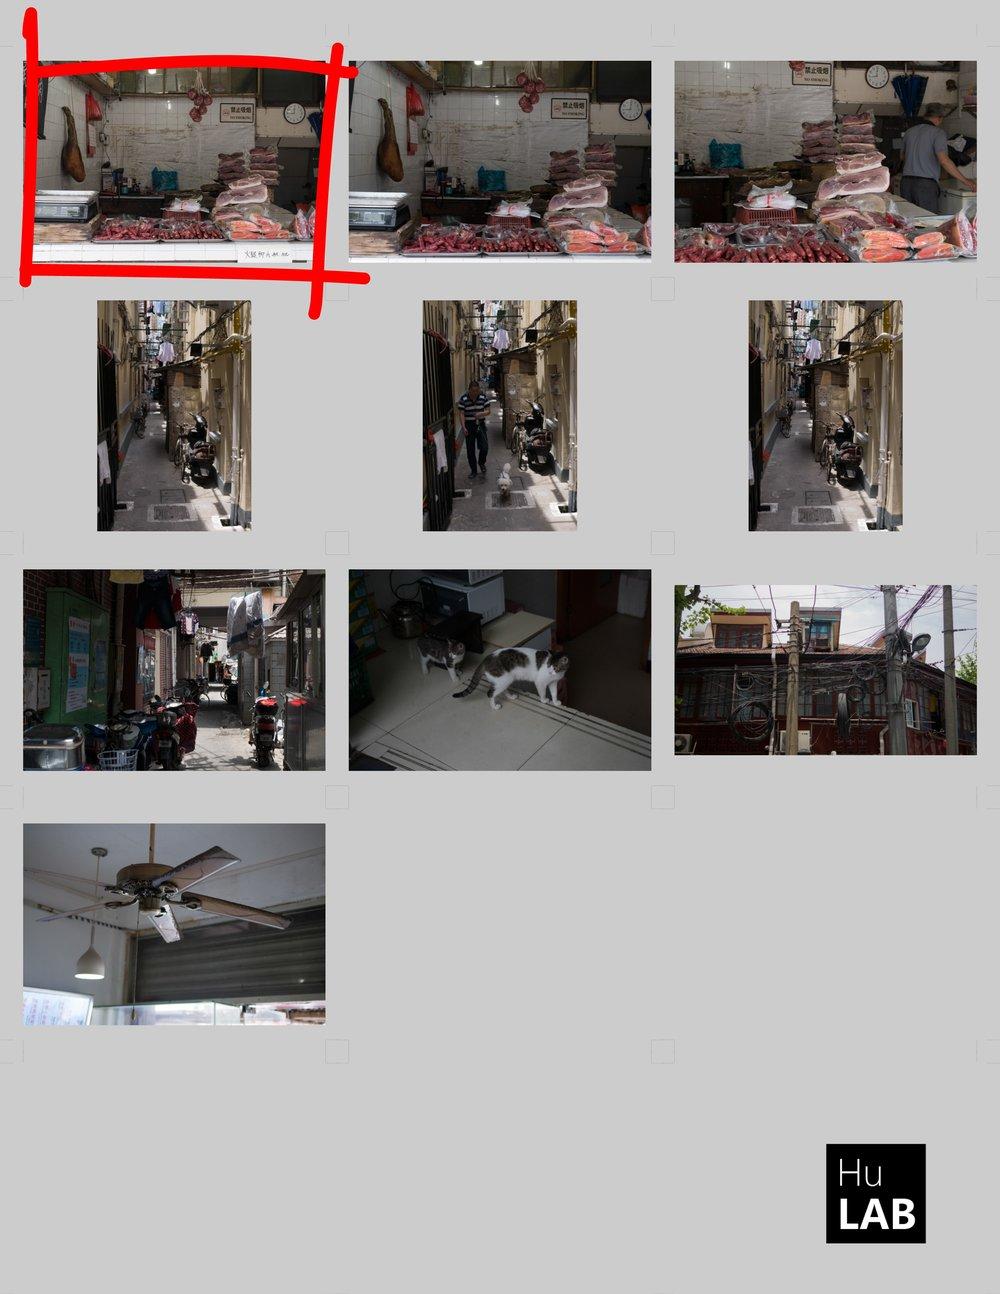 Contact-sheet-03-done.jpg